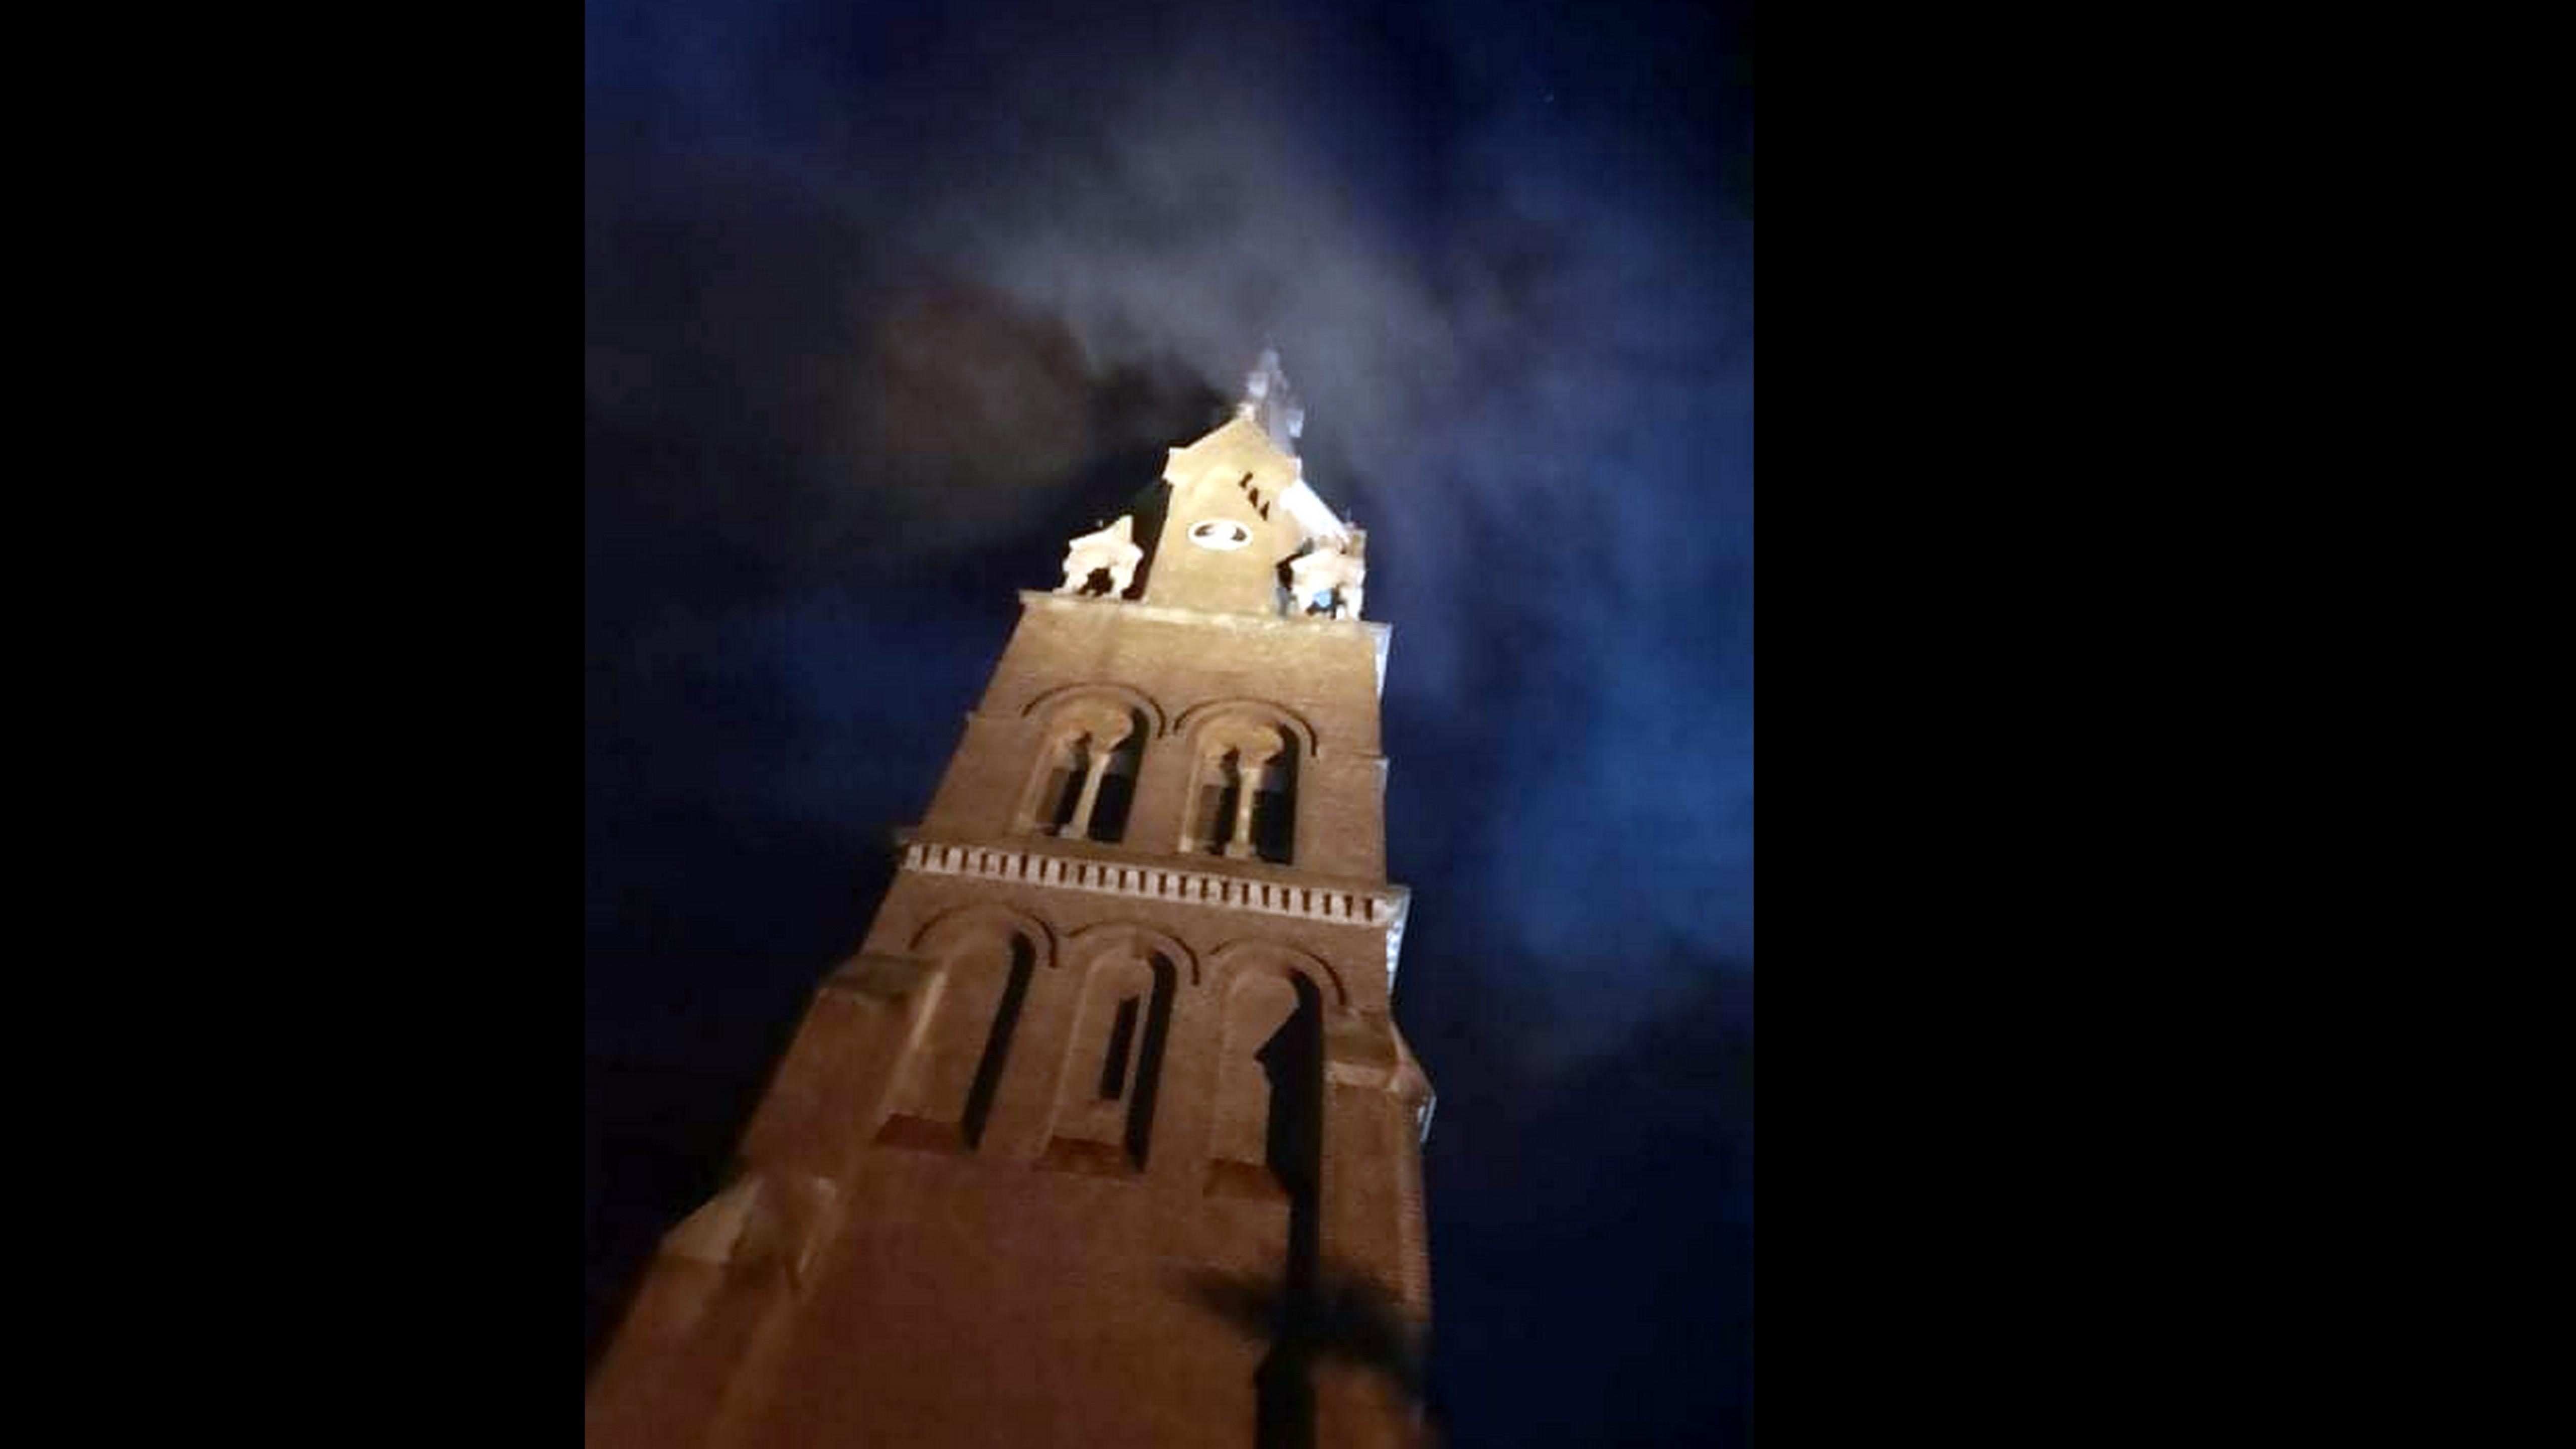 TERAZ! Płonie wieża kościoła w Jedliczu [AKTUALIZACJA] - Zdjęcie główne